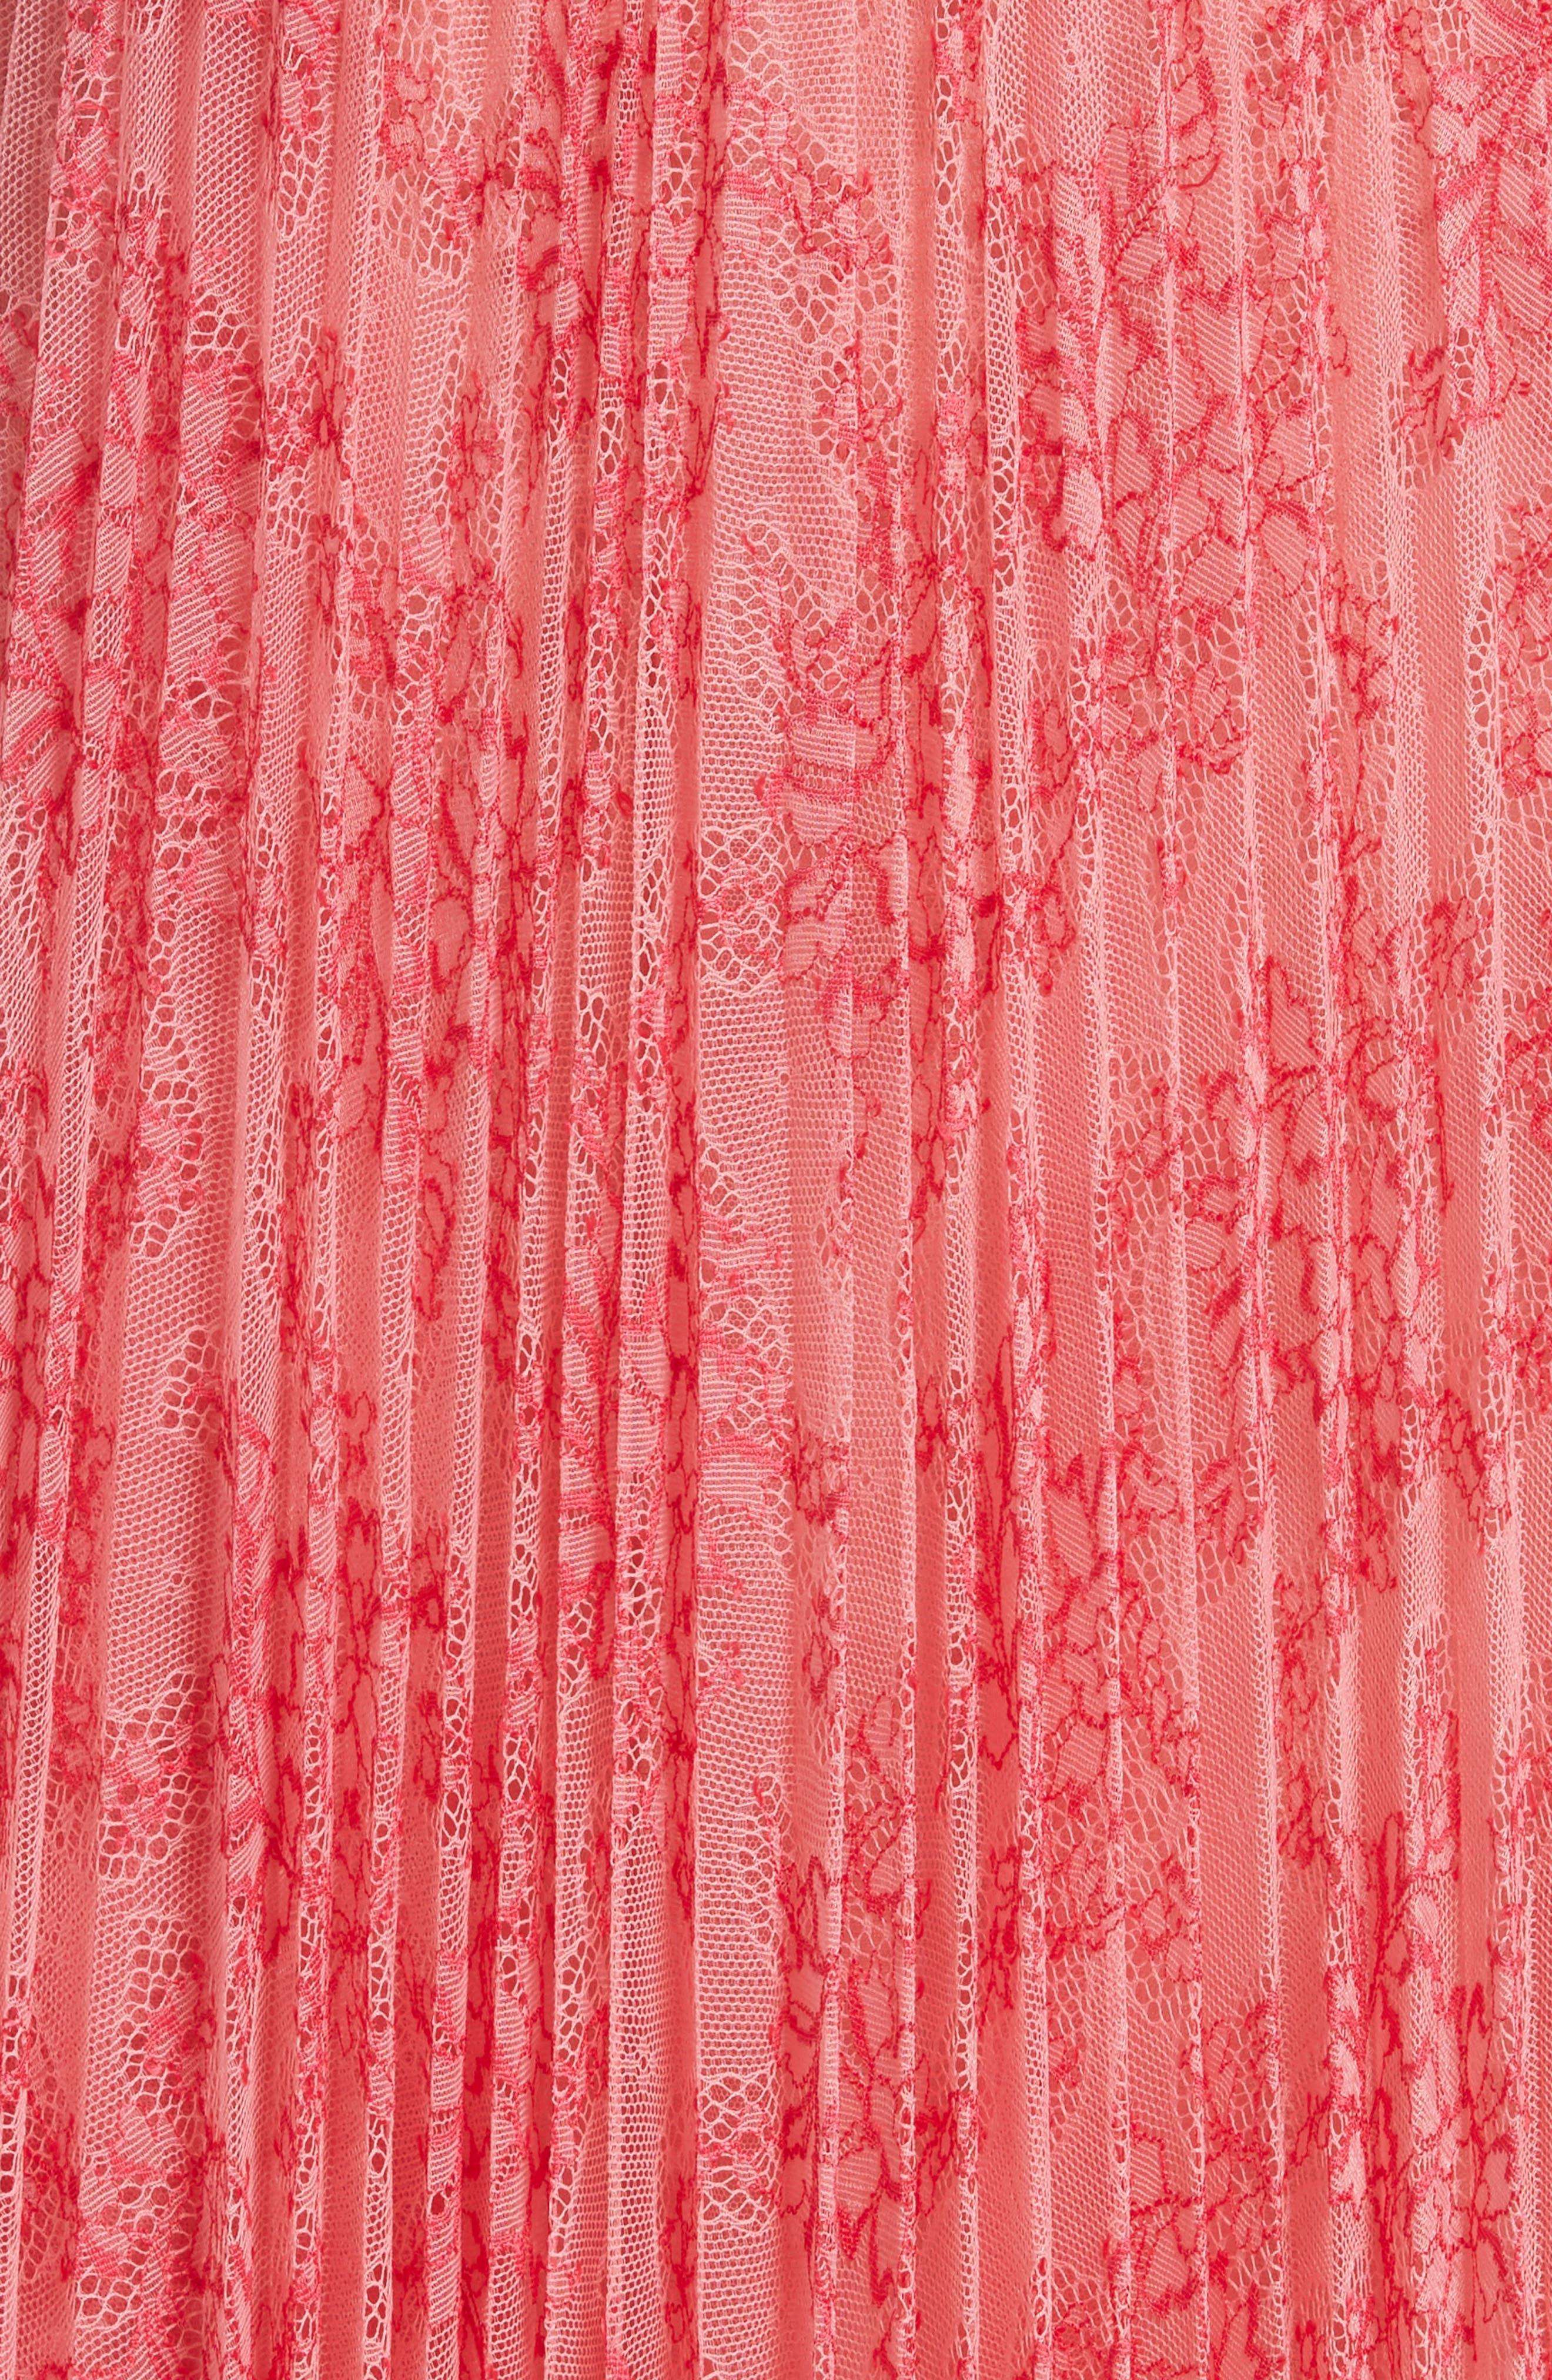 Clementine Floral Lace Midi Dress,                             Alternate thumbnail 6, color,                             956